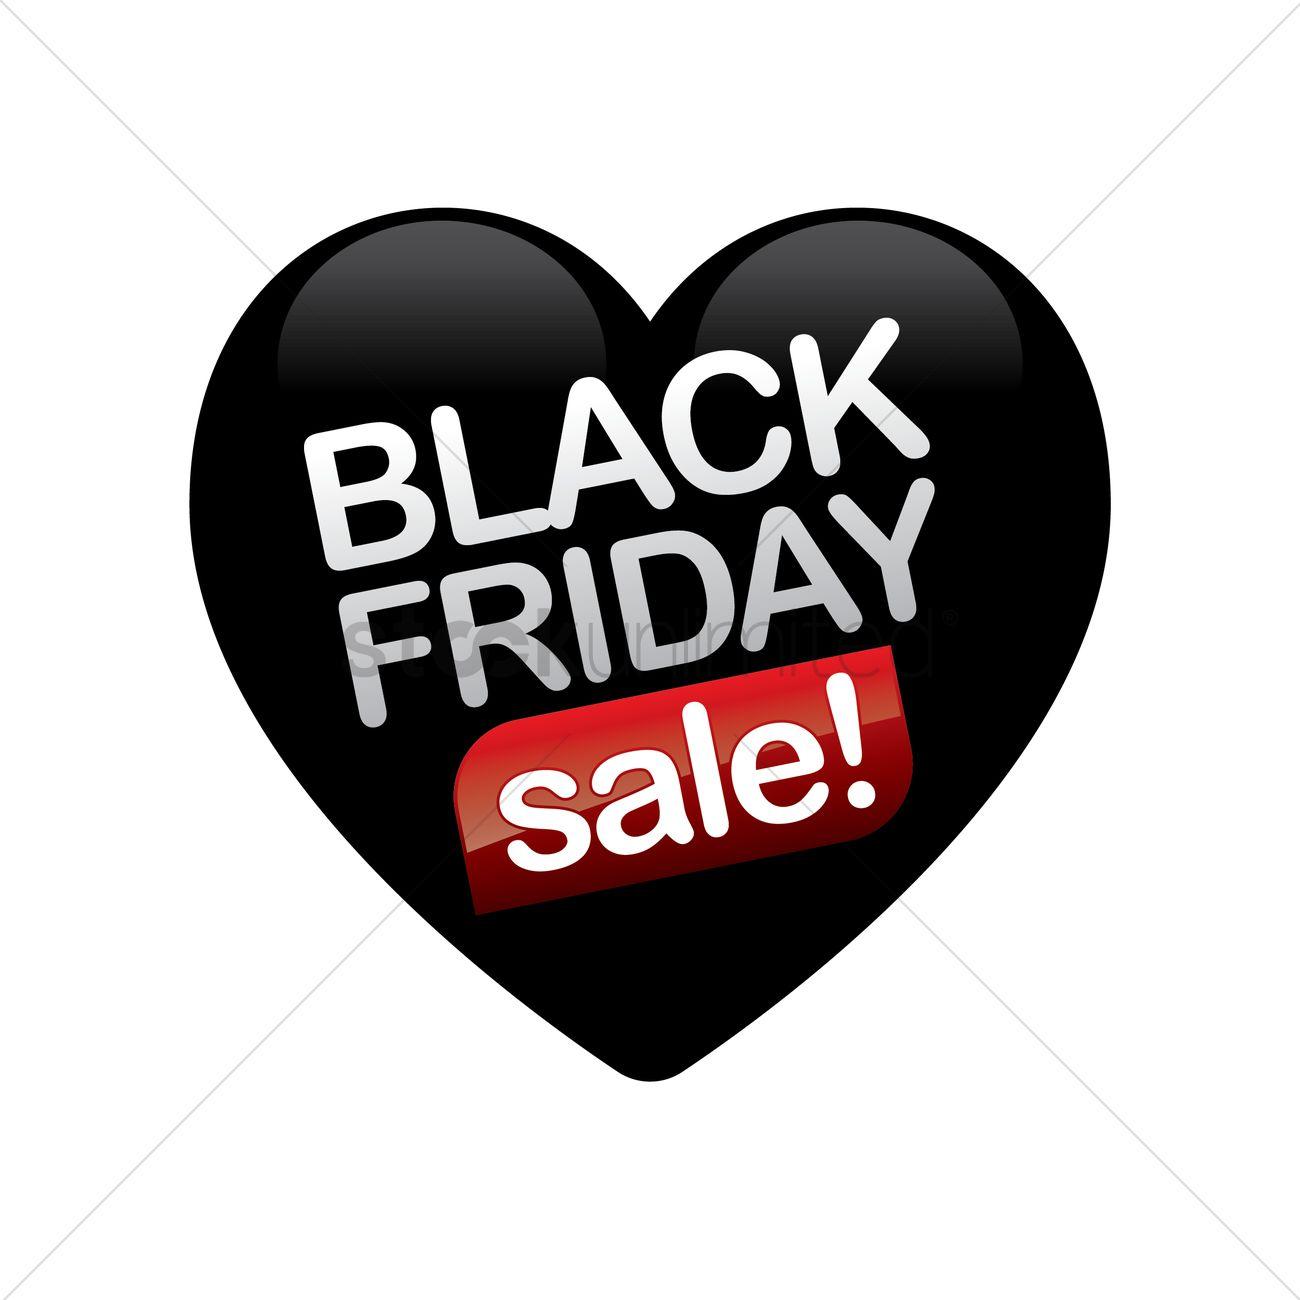 black friday sale vector image 1604923 stockunlimited. Black Bedroom Furniture Sets. Home Design Ideas